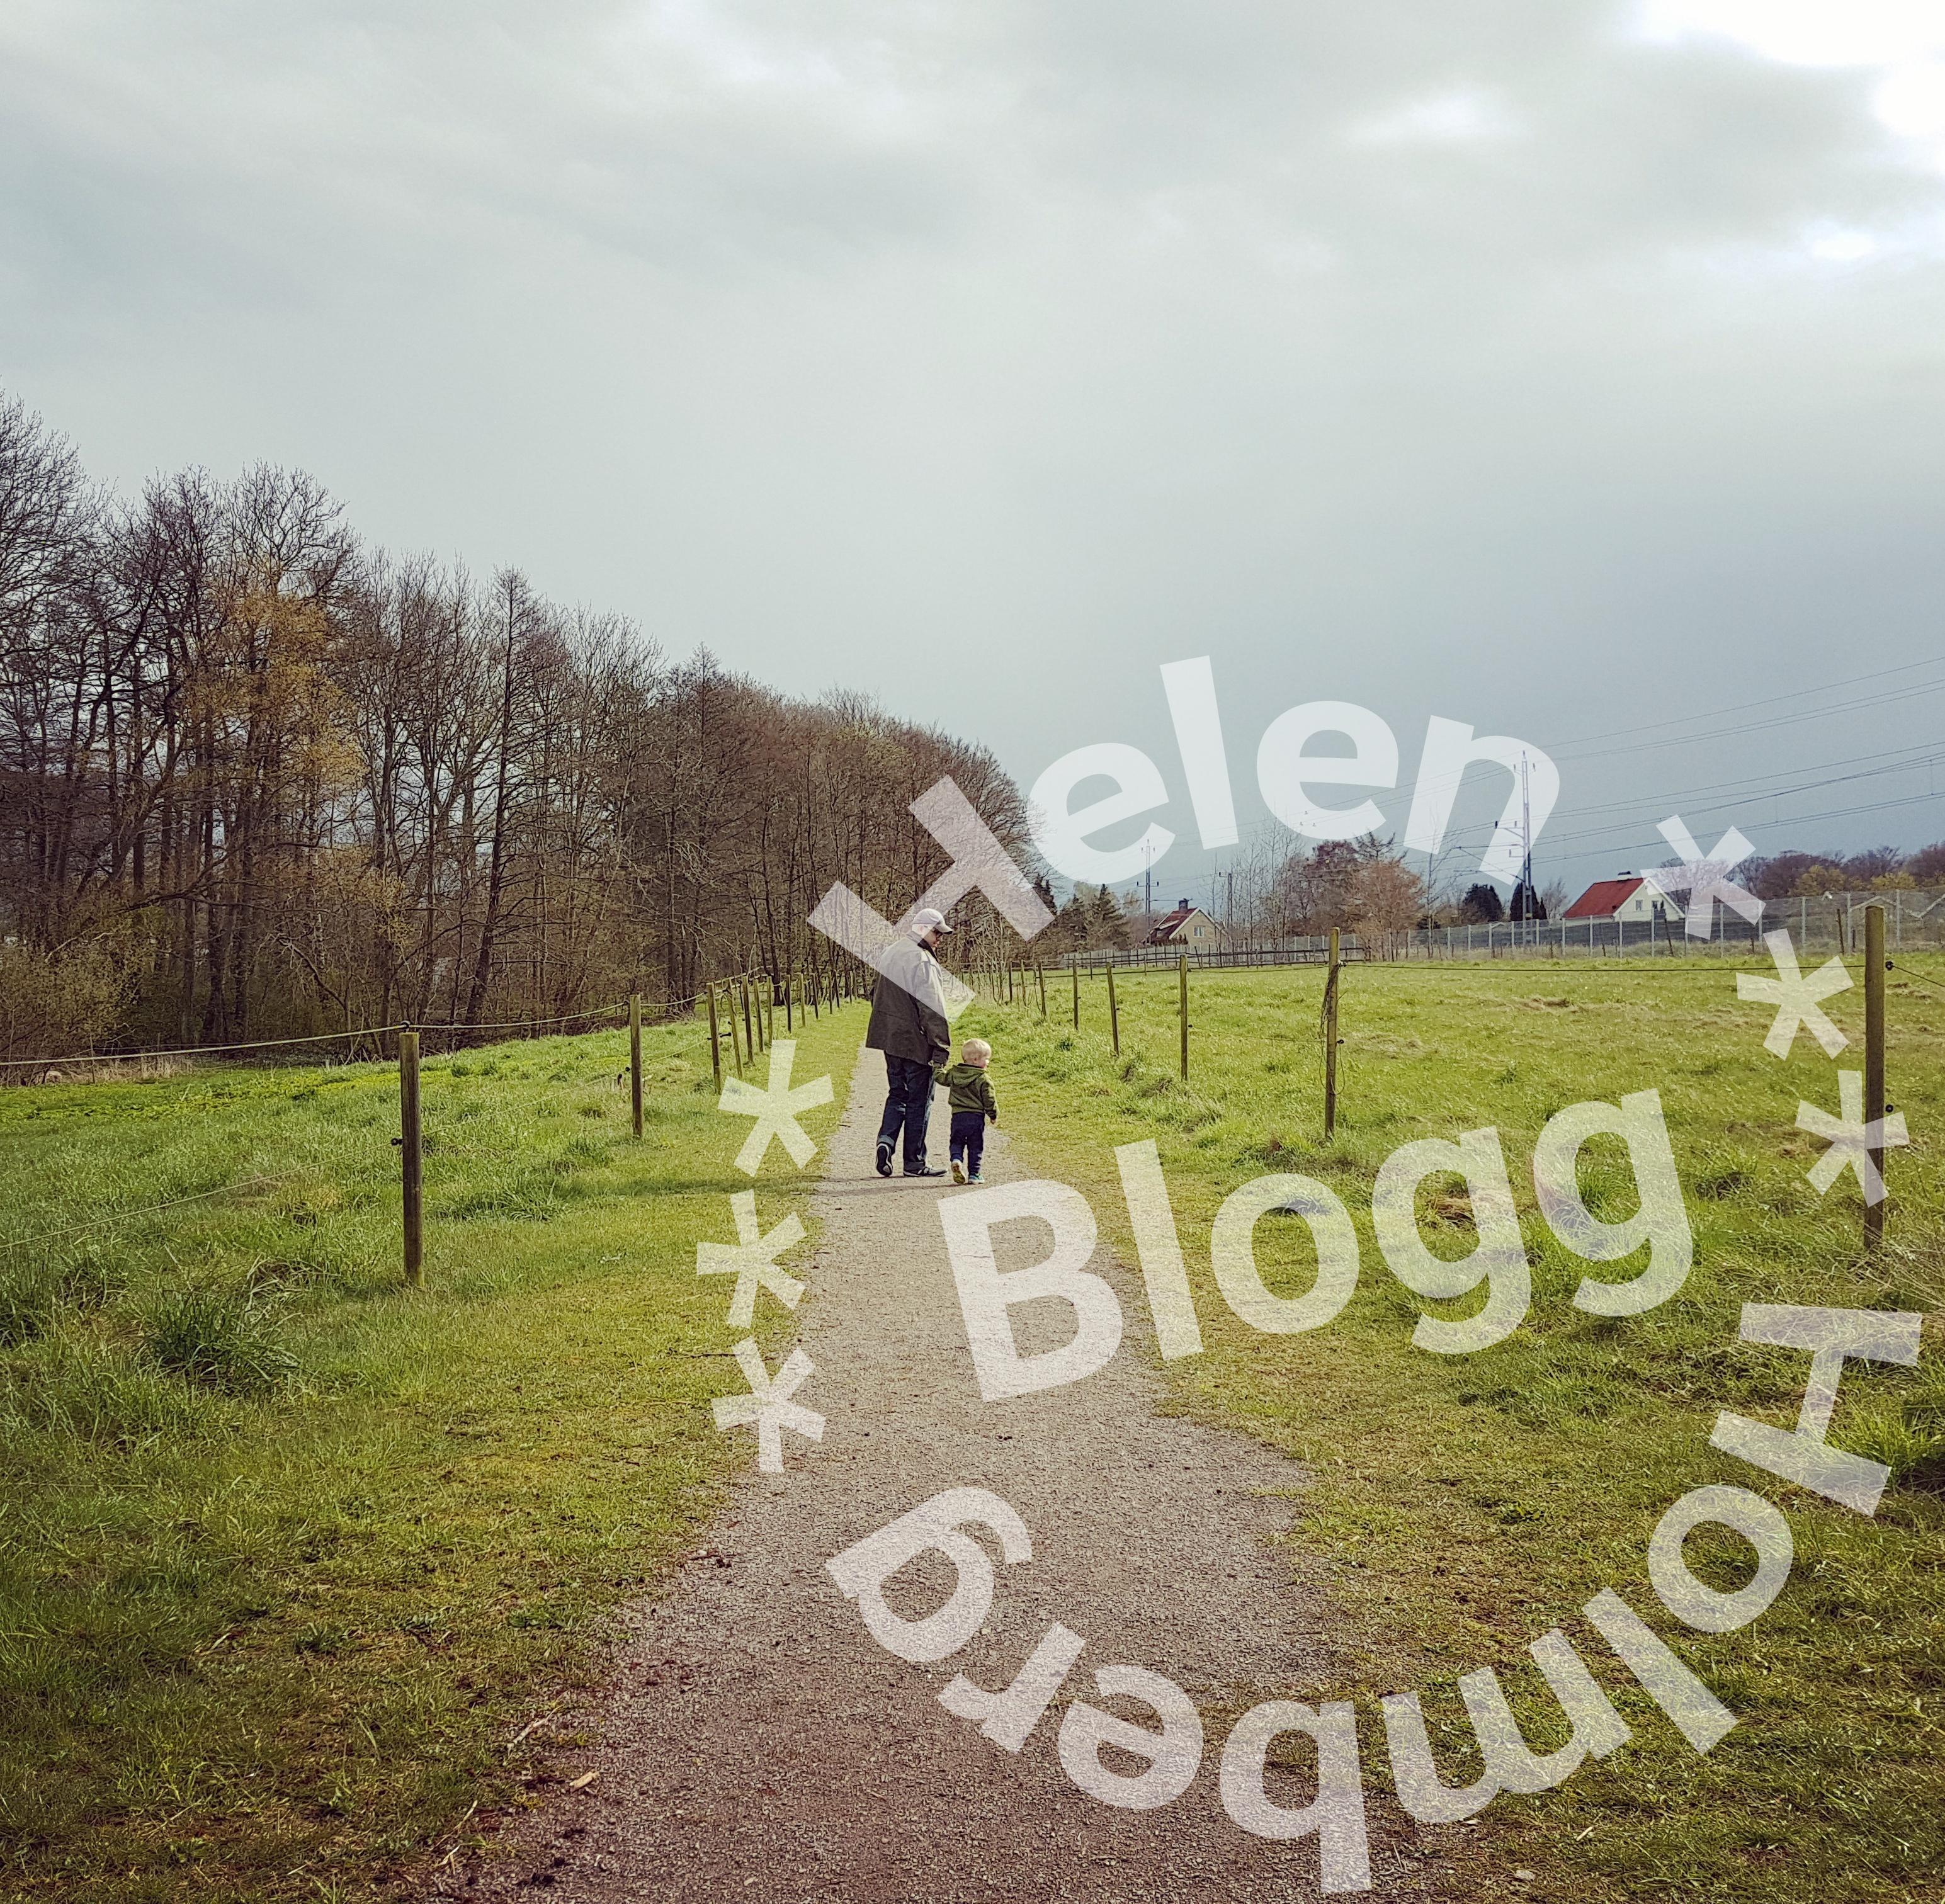 På promenad genom byn med en mini och en lång man